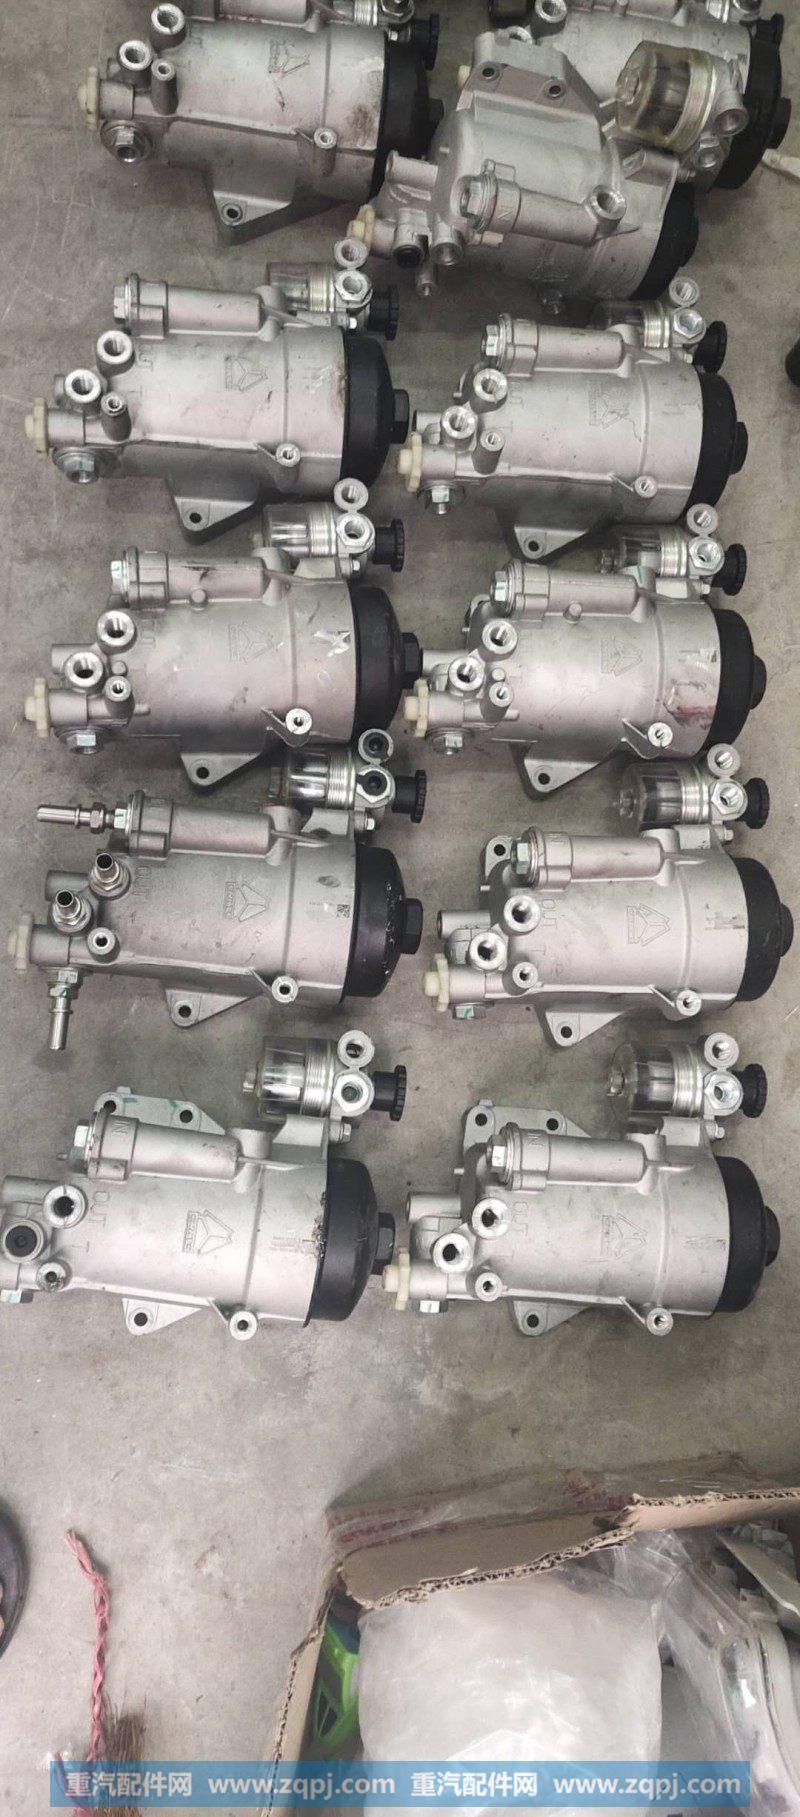 201V12501-7291燃油模块/